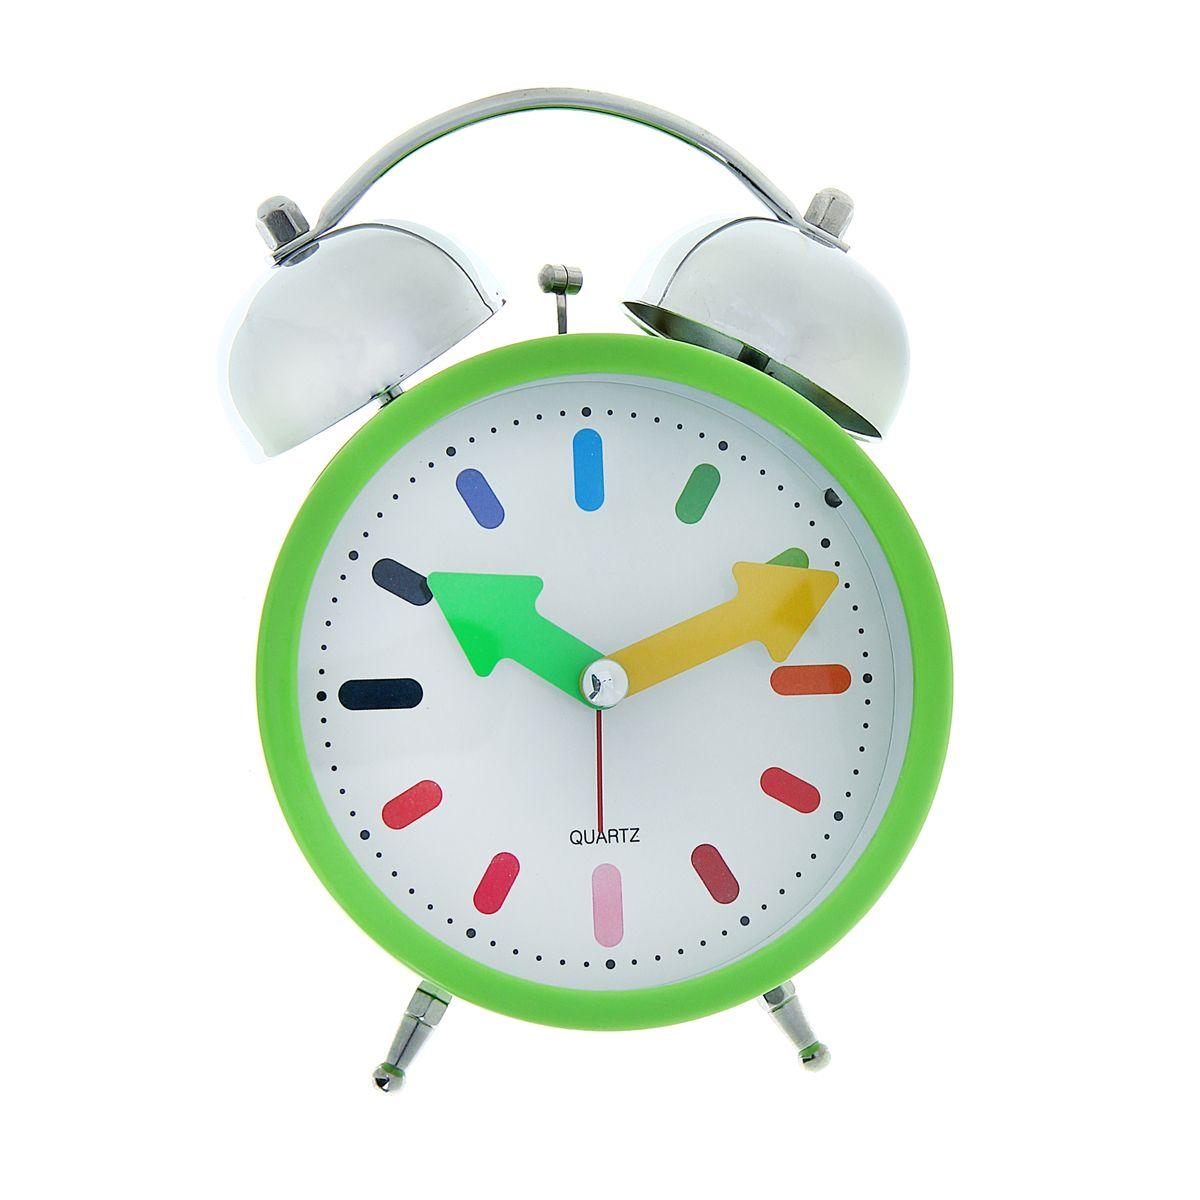 Часы-будильник Sima-land Яркое утро1056424Как же сложно иногда вставать вовремя! Всегда так хочется поспать еще хотя бы 5 минут и бывает, что мы просыпаем. Теперь этого не случится! Яркий, оригинальный будильник Sima-land Яркое утро поможет вам всегда ставать в нужное время и успевать везде и всюду. Будильник украсит вашу комнату и приведет в восхищение друзей. Точно показывает время и будит в установленный час. На задней панели будильника расположены переключатель включения/выключения механизма, а также два колесика для настройки текущего времени и времени звонка будильника. Будильник работает от двух батареек типа AA напряжением 1,5V (не входит в комплект).